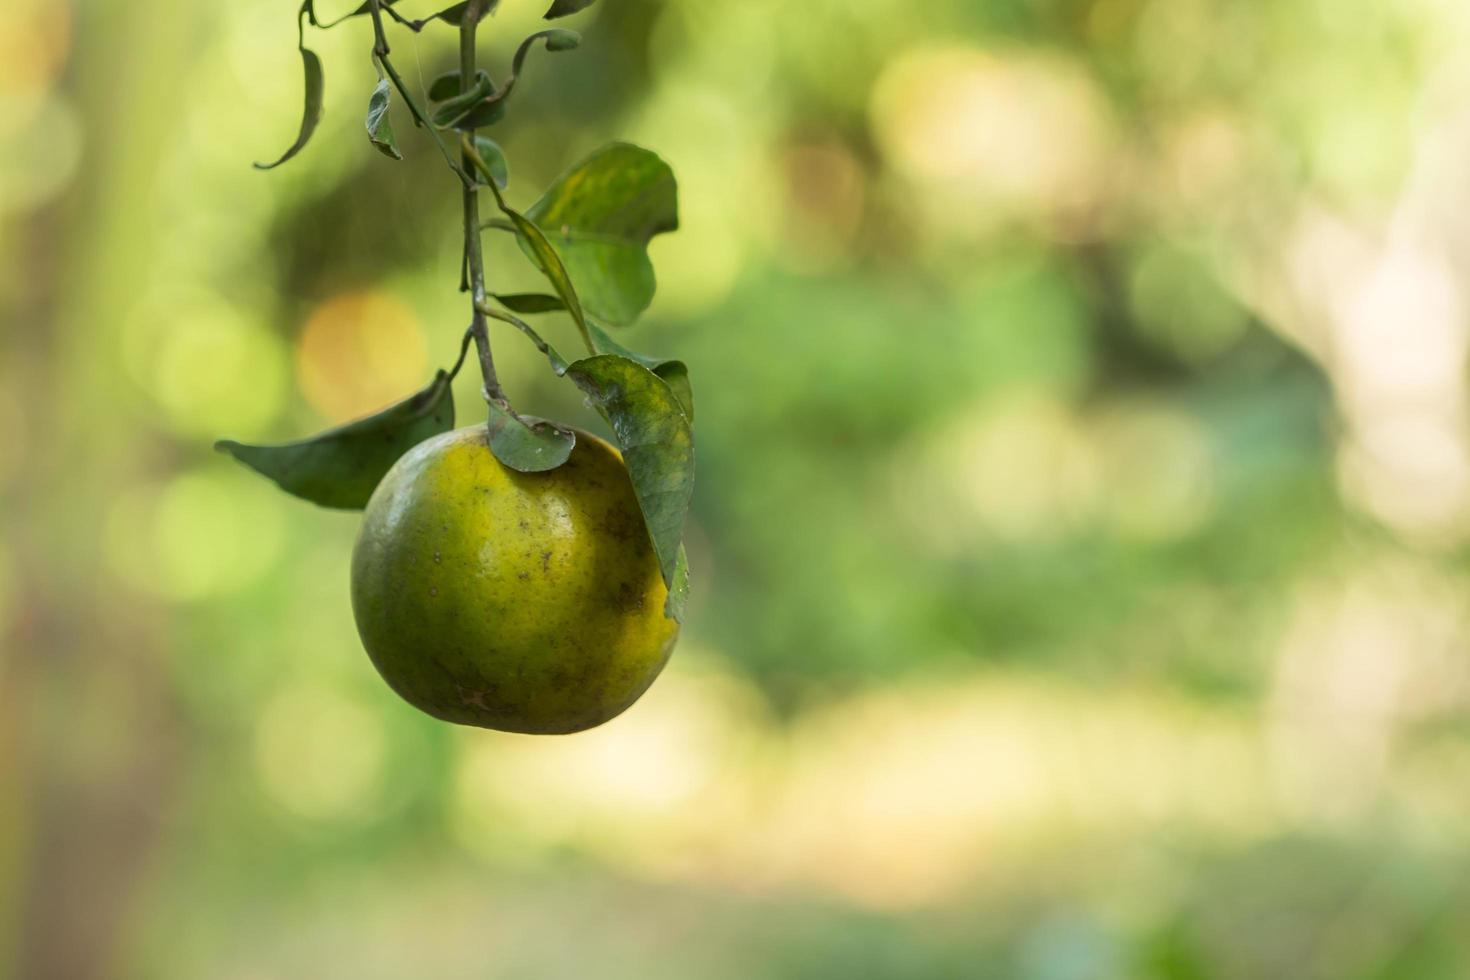 naranja en el arbol foto